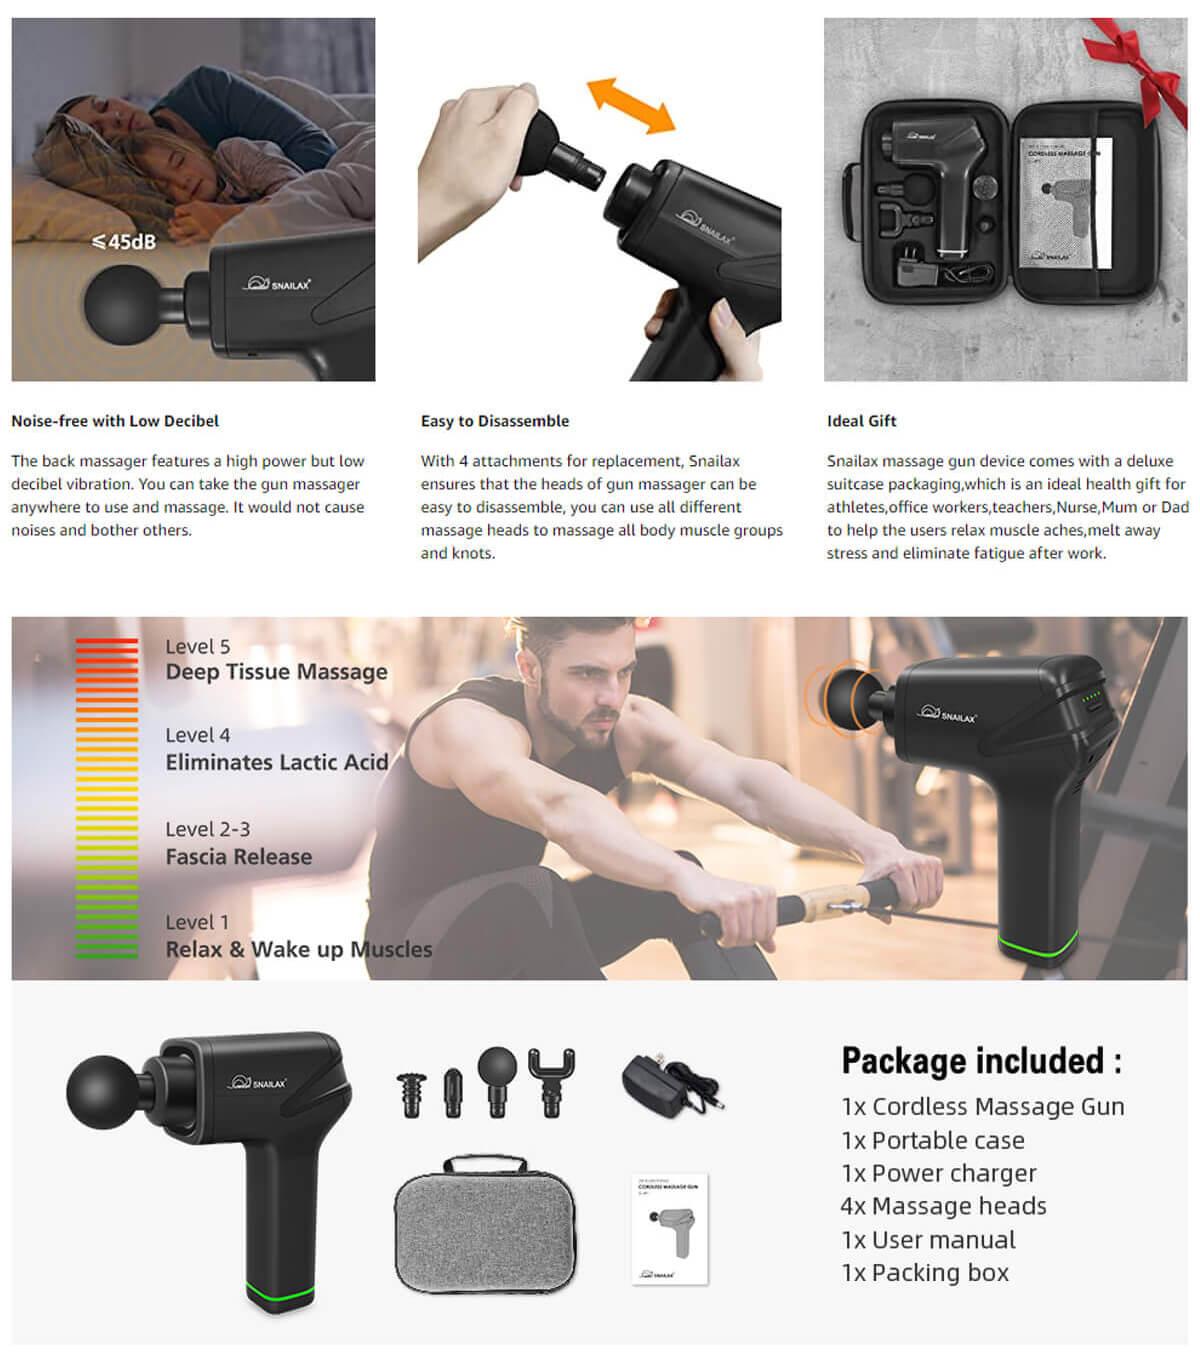 Snailax Cordless Massage Gun